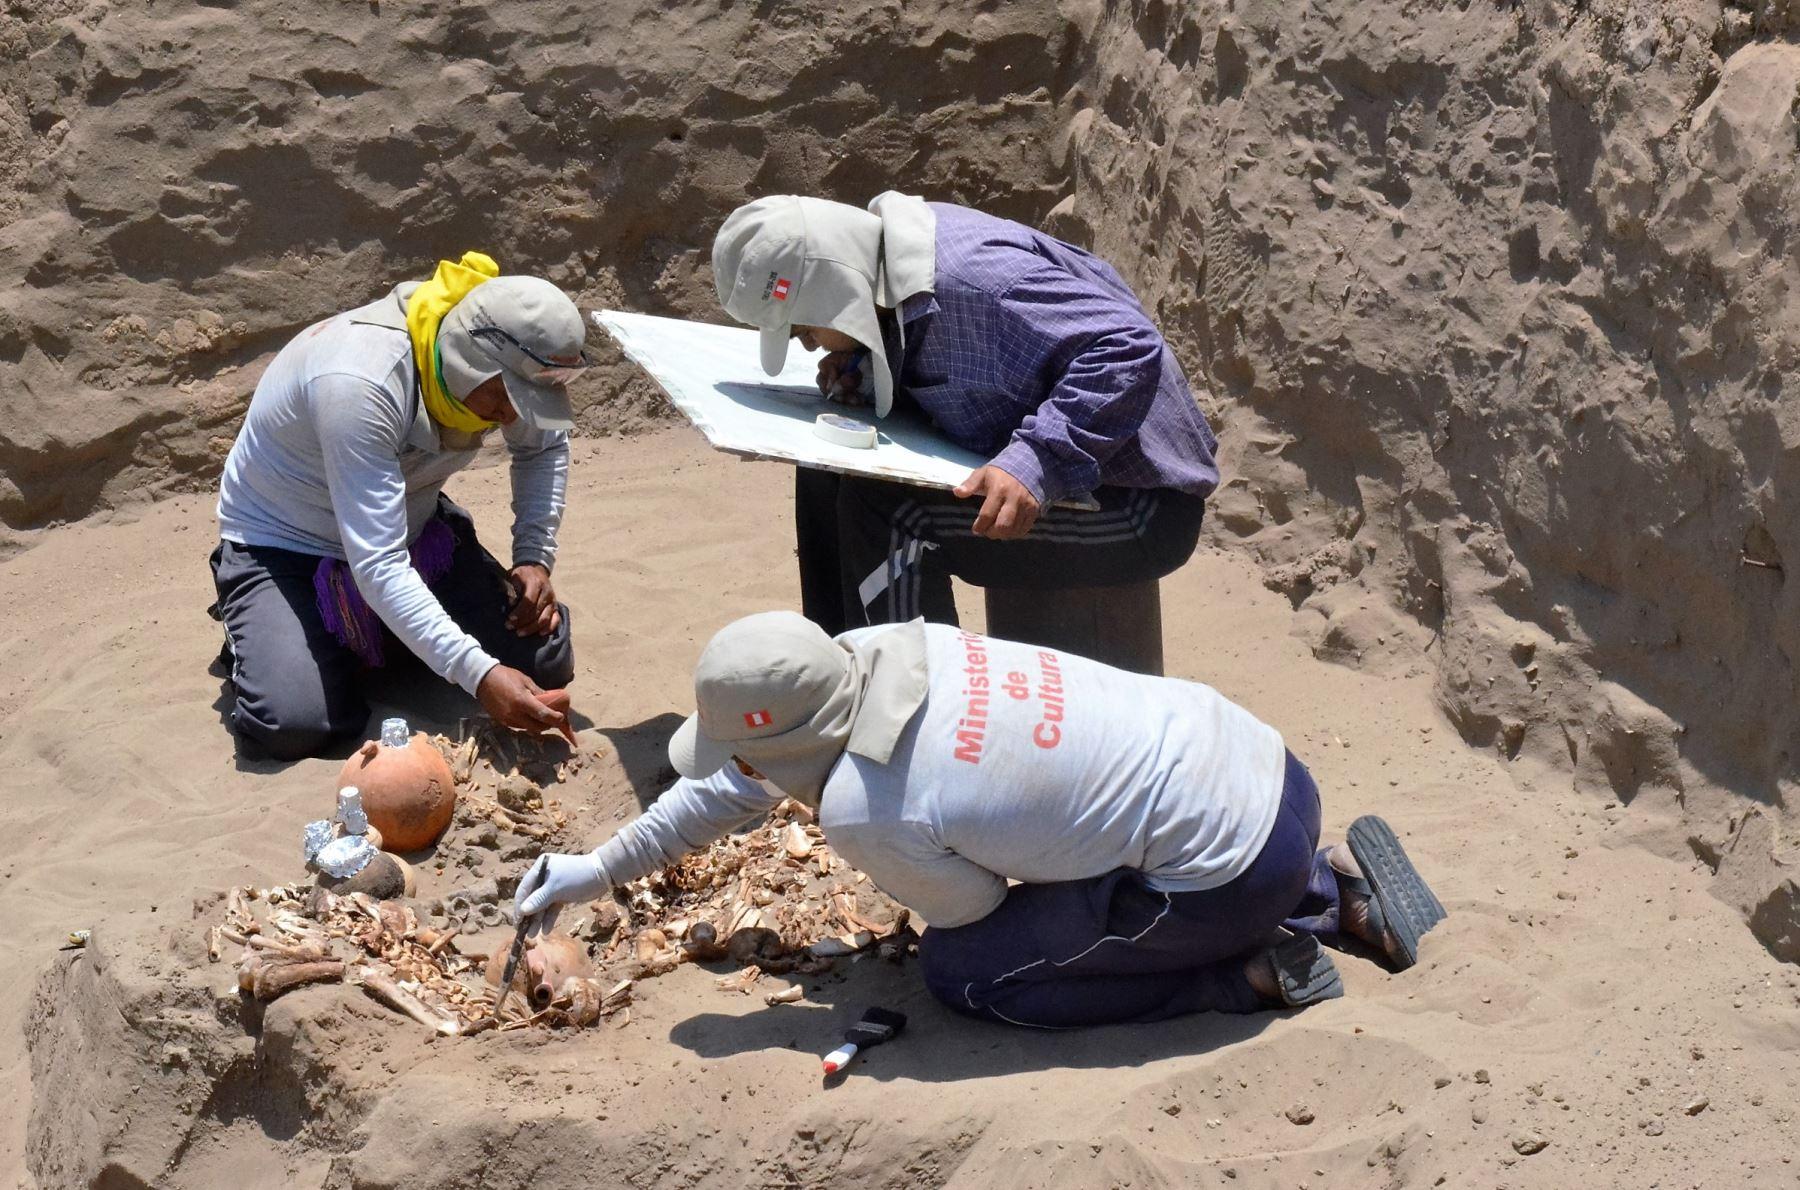 El Ministerio de Cultura, a través de la Unidad Ejecutora 005-Naylamp, invirtió más de 3 millones de soles, en un esfuerzo para conocer el proceso cultural que se desarrolló en Lambayeque, específicamente en los complejos arqueológicos de Túcume, Chotuna-Chornancap, Saltur y el Valle de Zaña./ANDINA